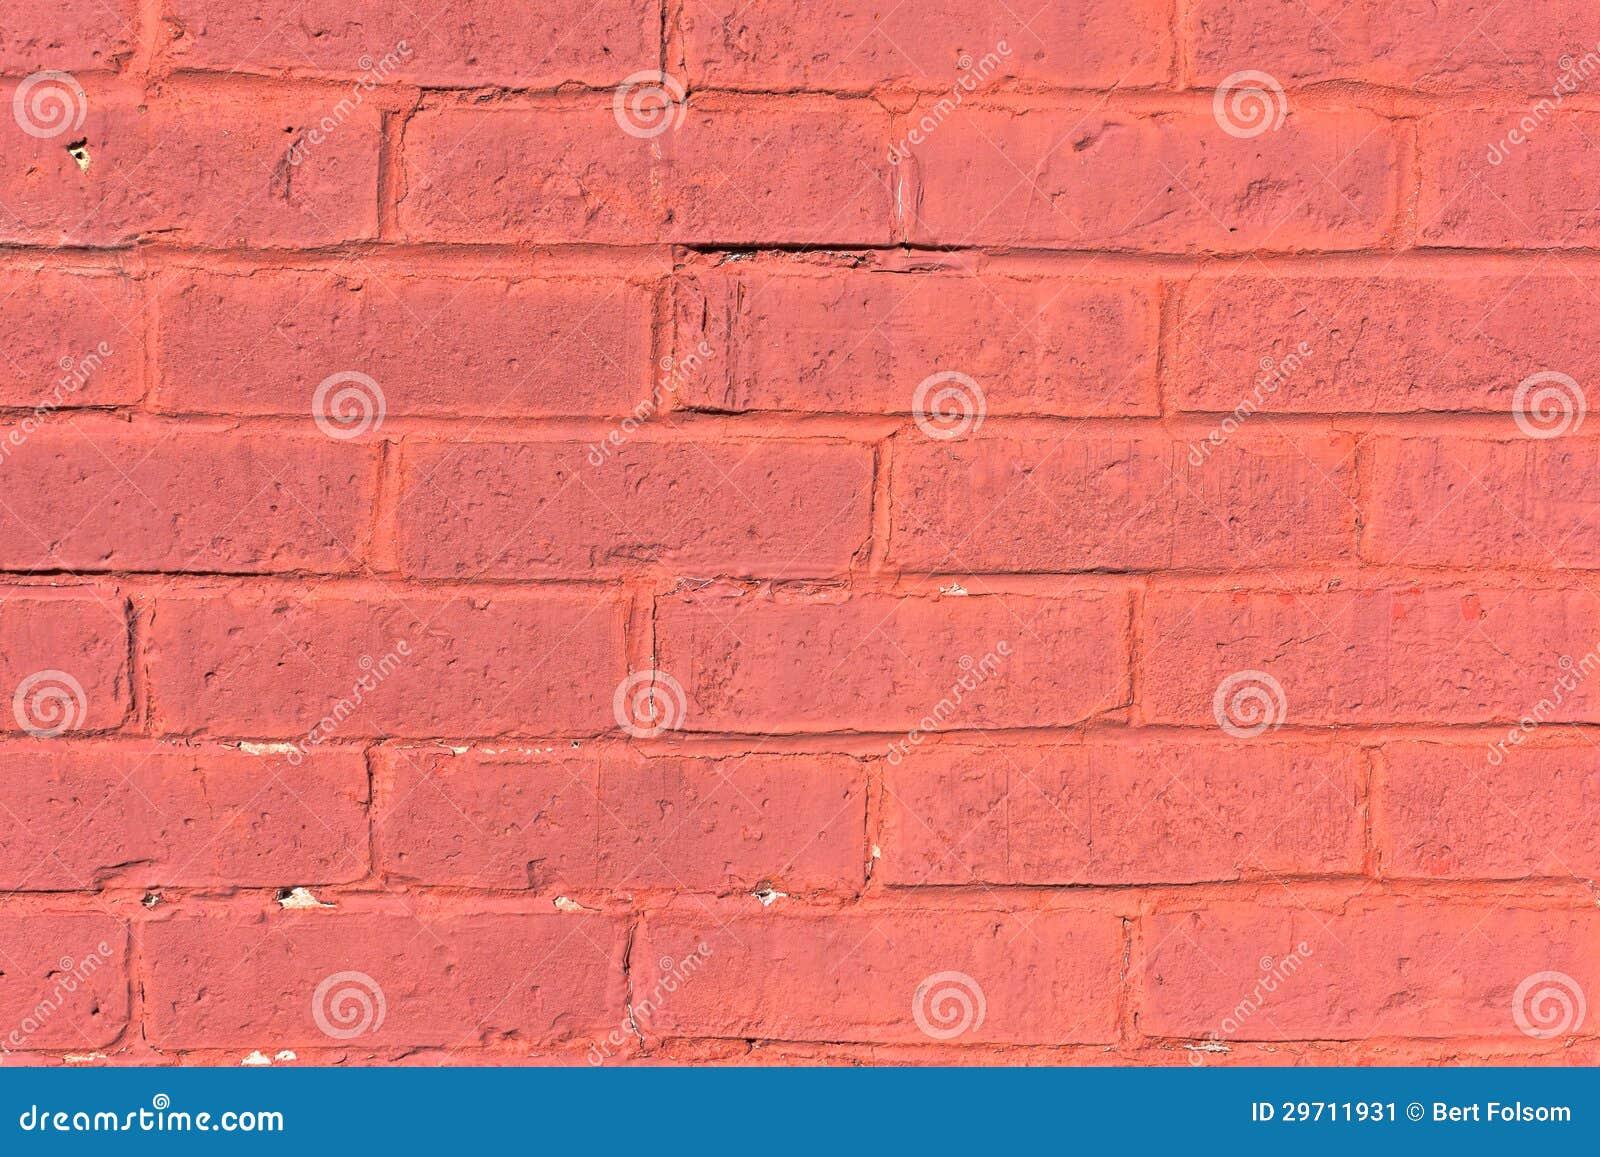 Old painted brick wall stock image image 29711931 - Painting exterior brick walls ...